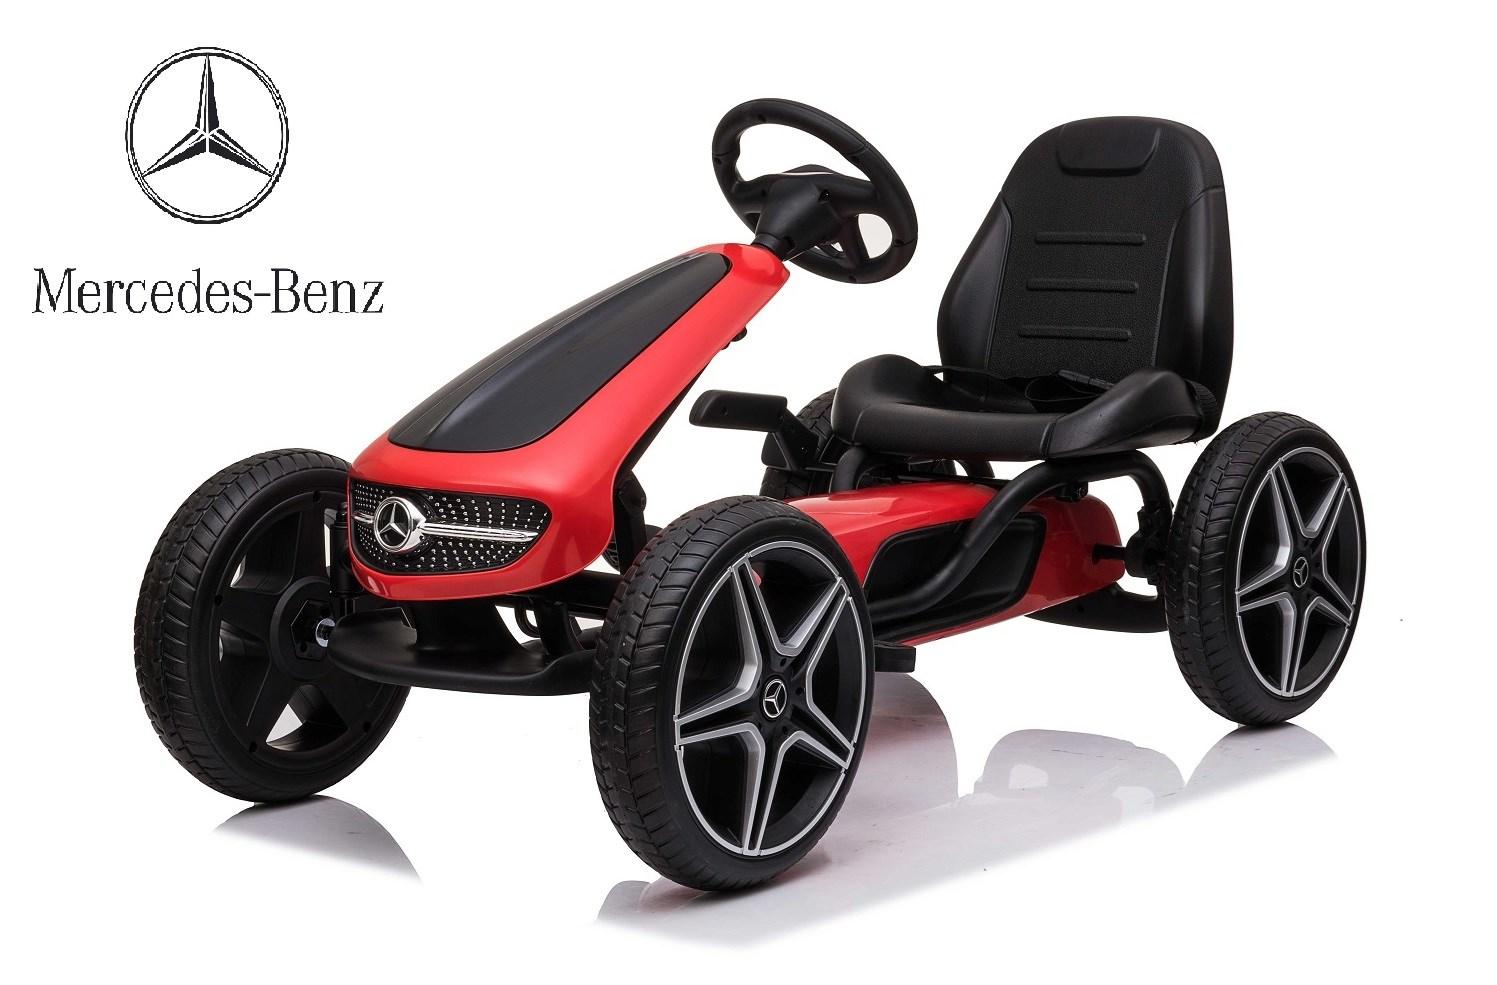 Dětský šlapací  Mercedes-Benz  Pedal Go-Kart - červená